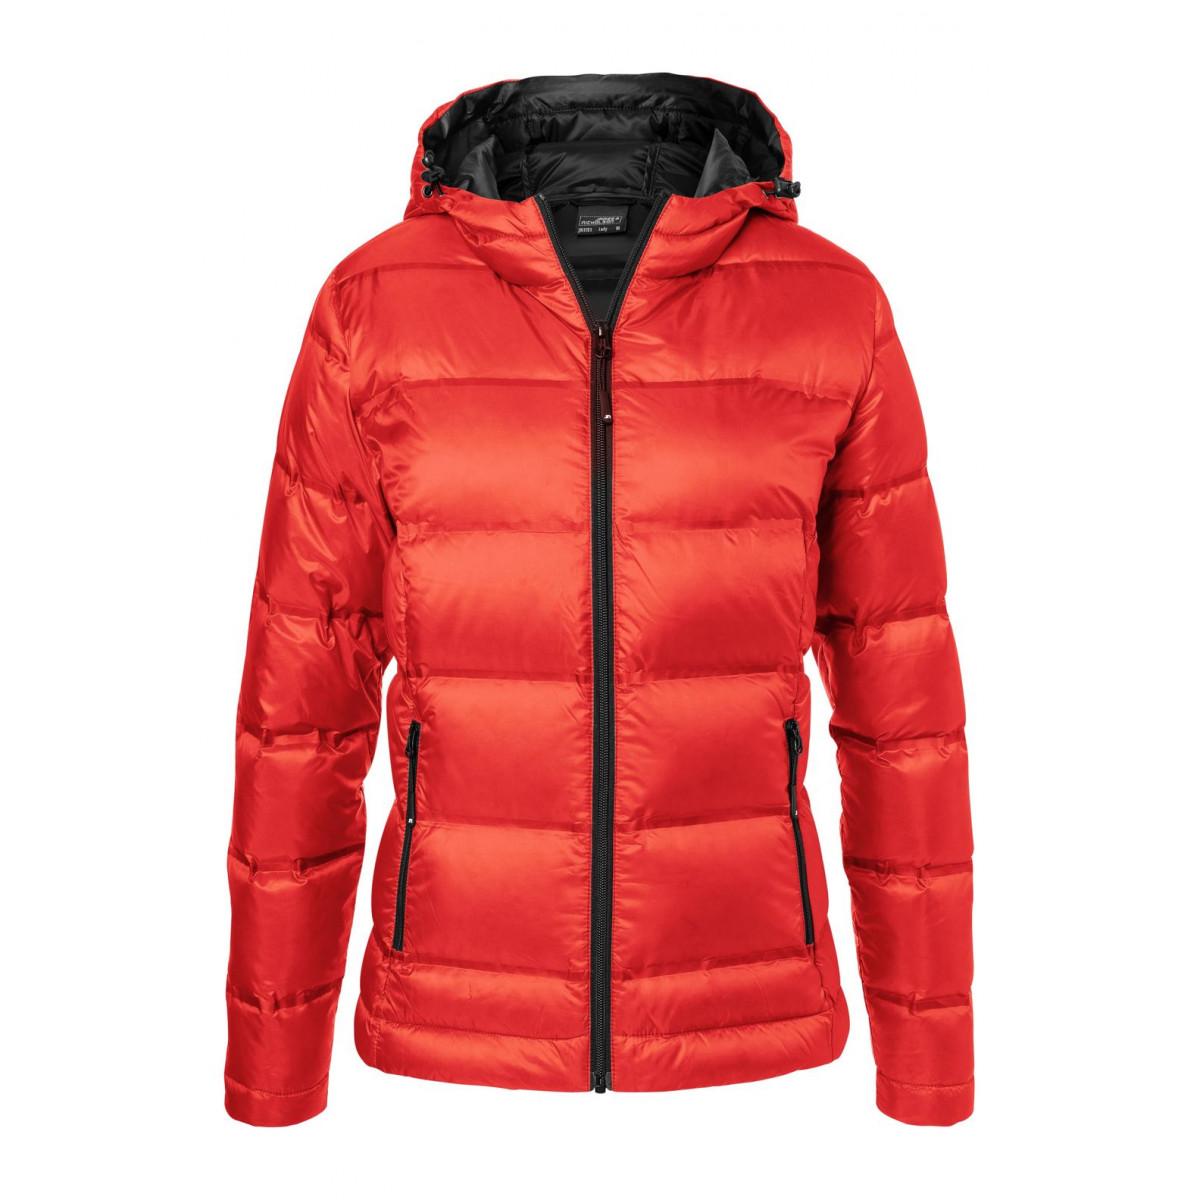 Куртка женская JN1151 Ladies Hooded Down Jacket - Ярко-красный/Черный